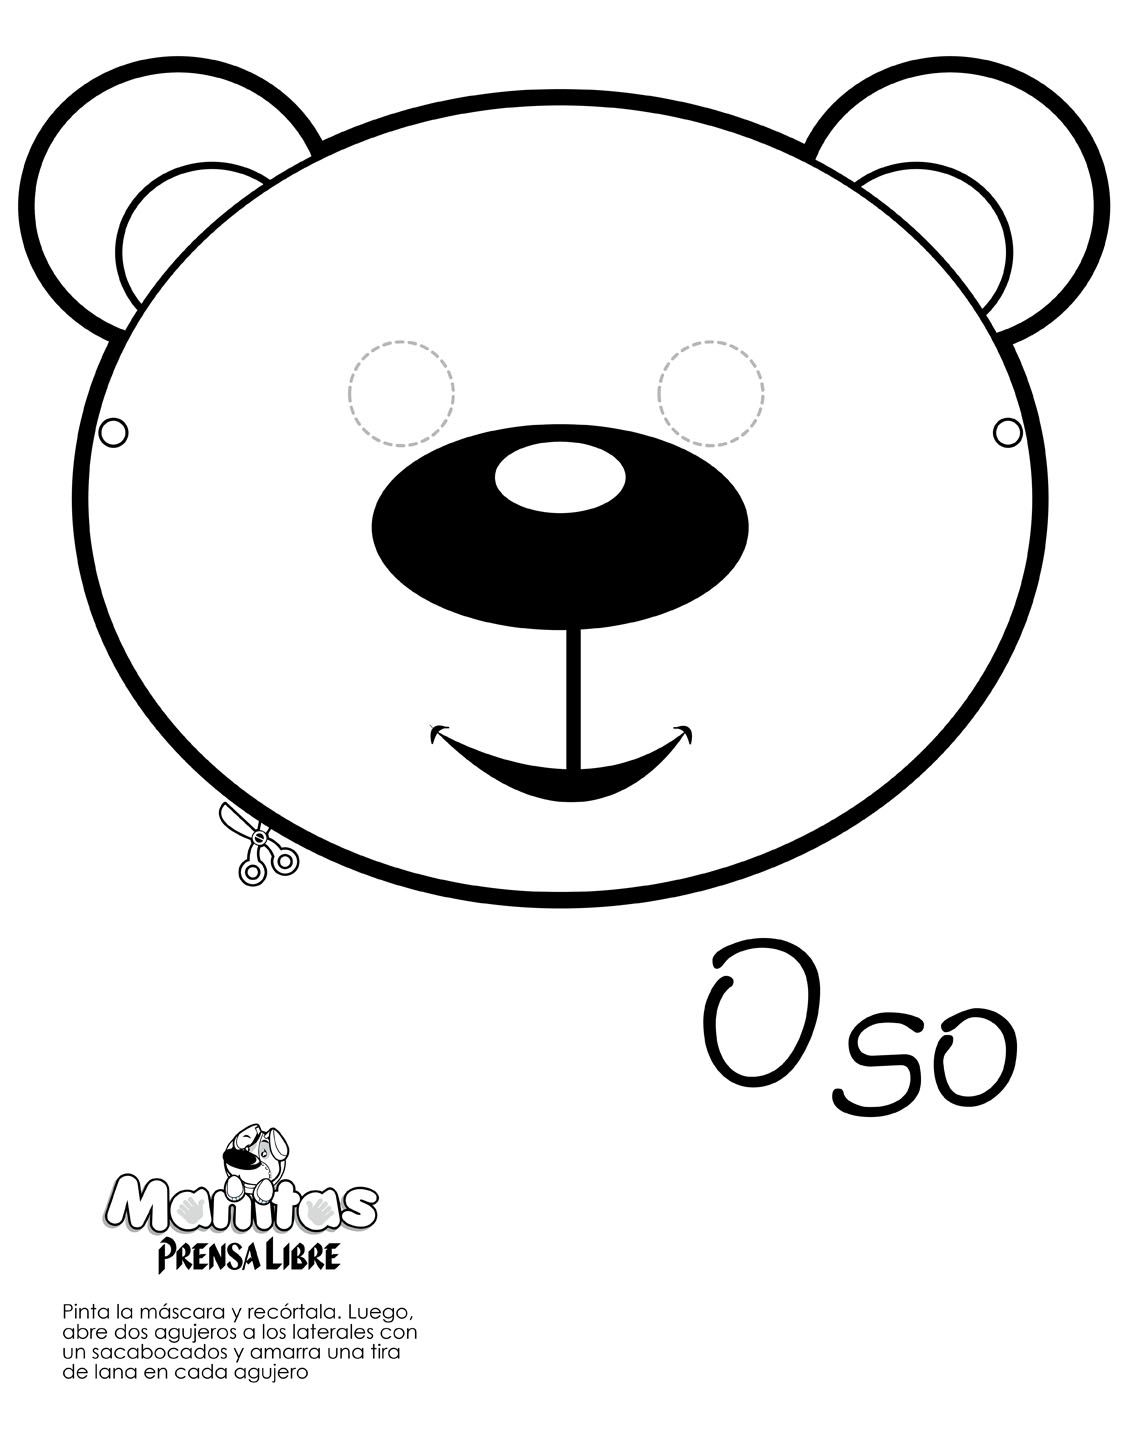 Pin de Montse Díaz en Osos | Pinterest | Osos, Trabajos para ...